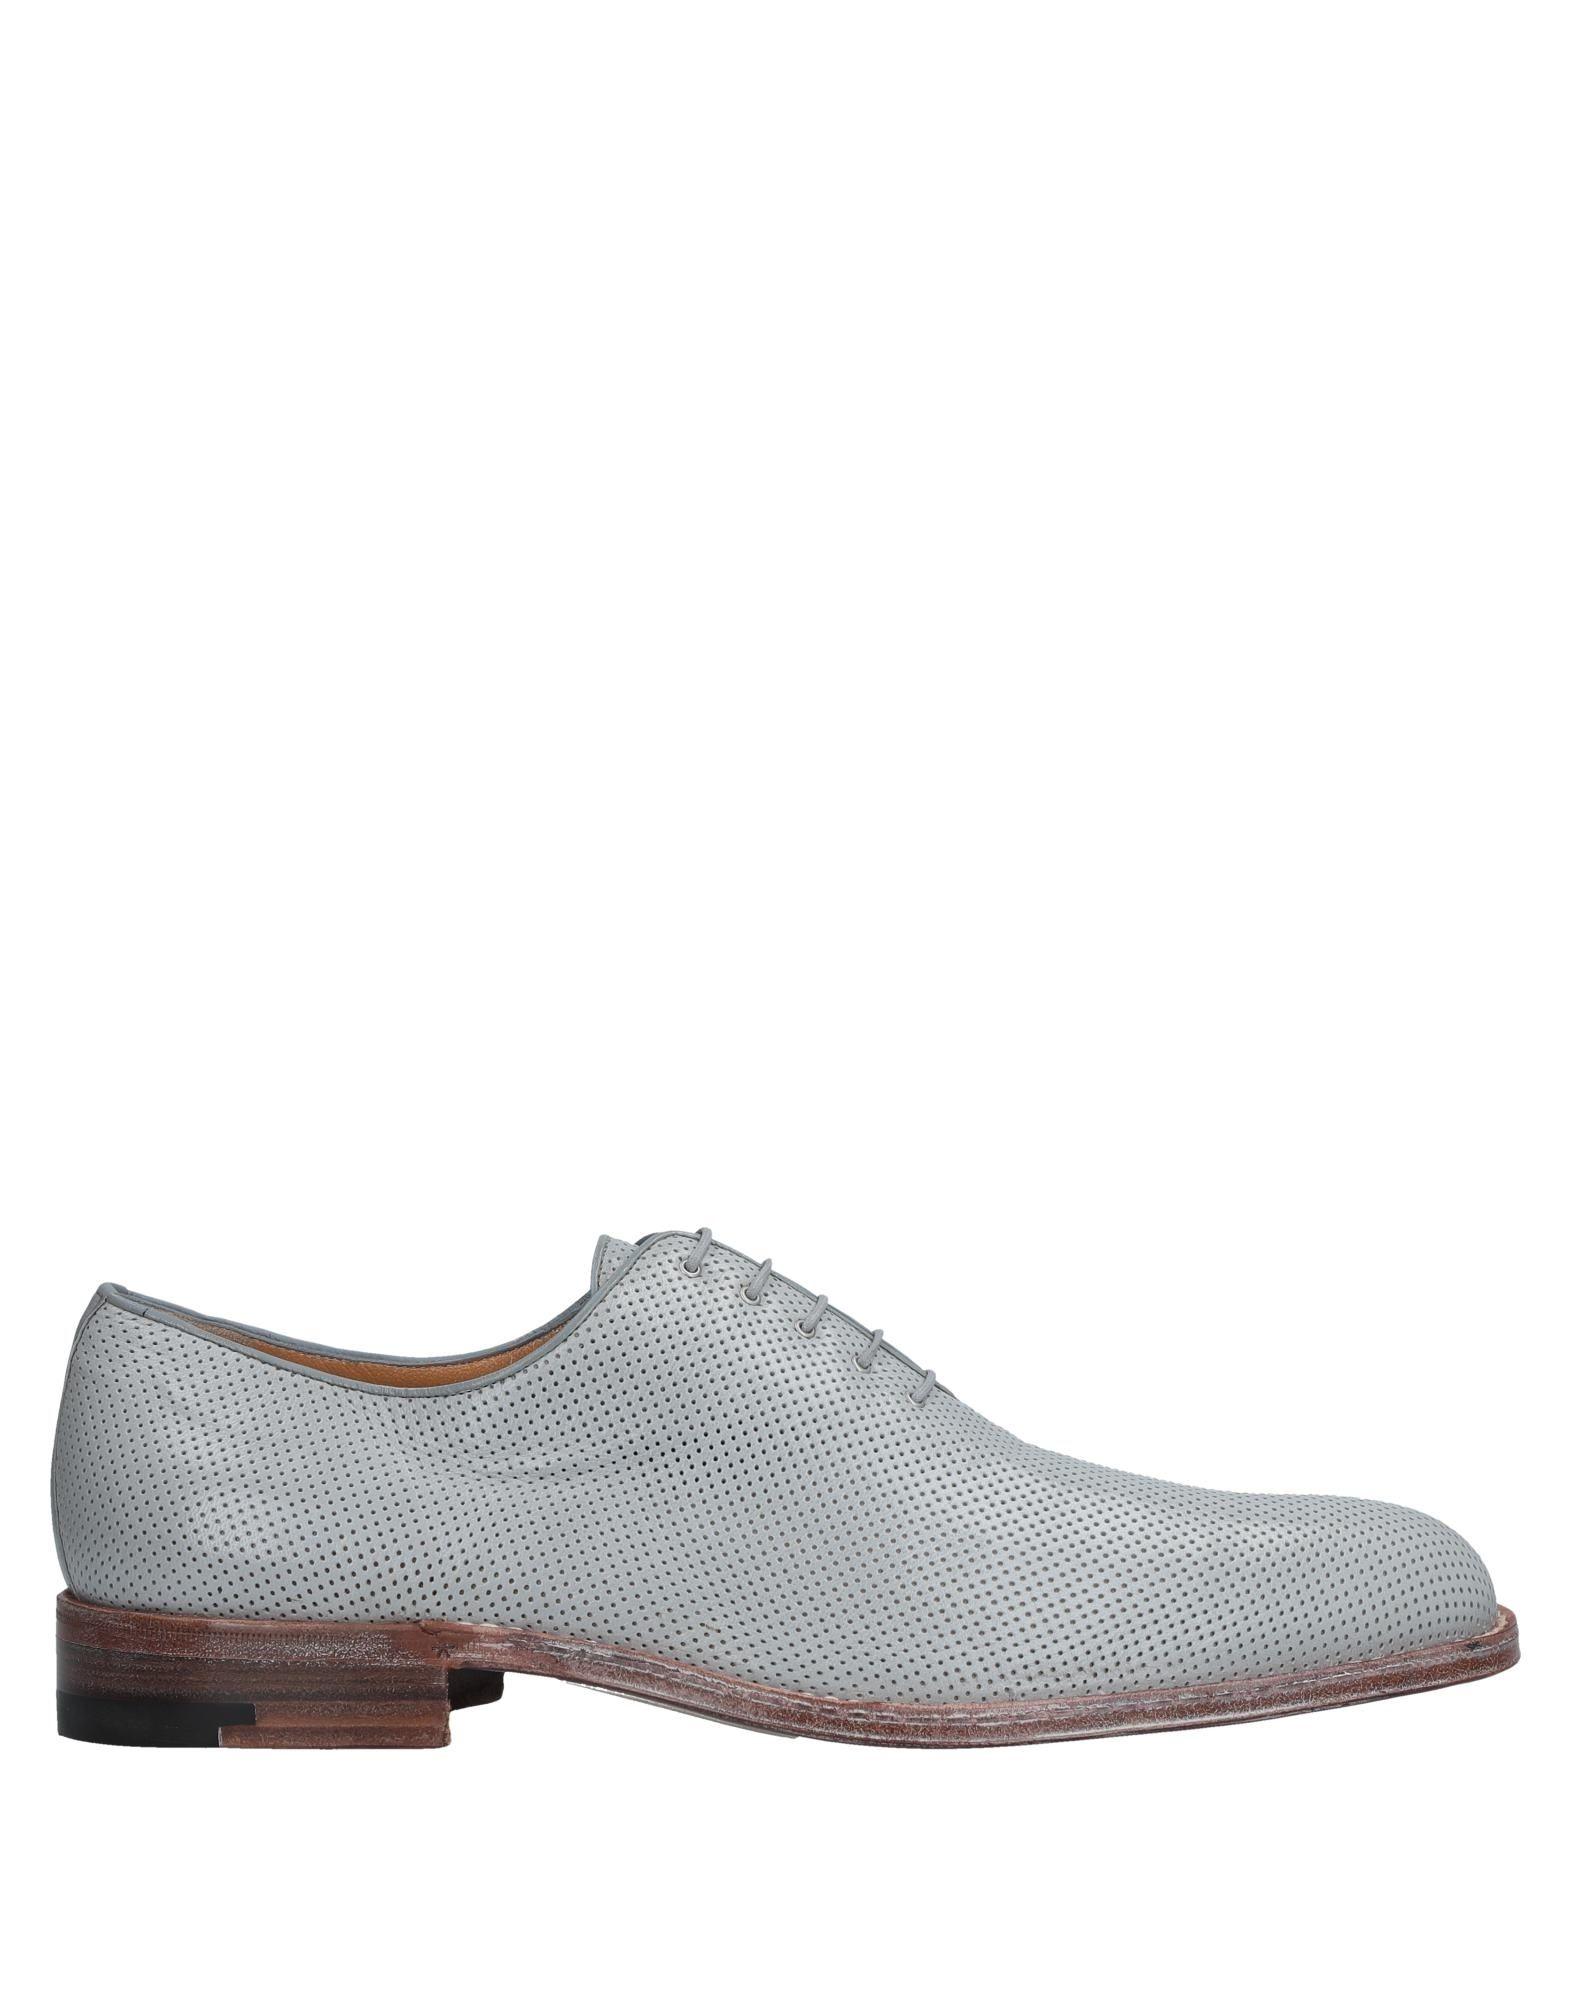 A.Testoni Schnürschuhe Herren  11542994XD Gute Qualität beliebte Schuhe